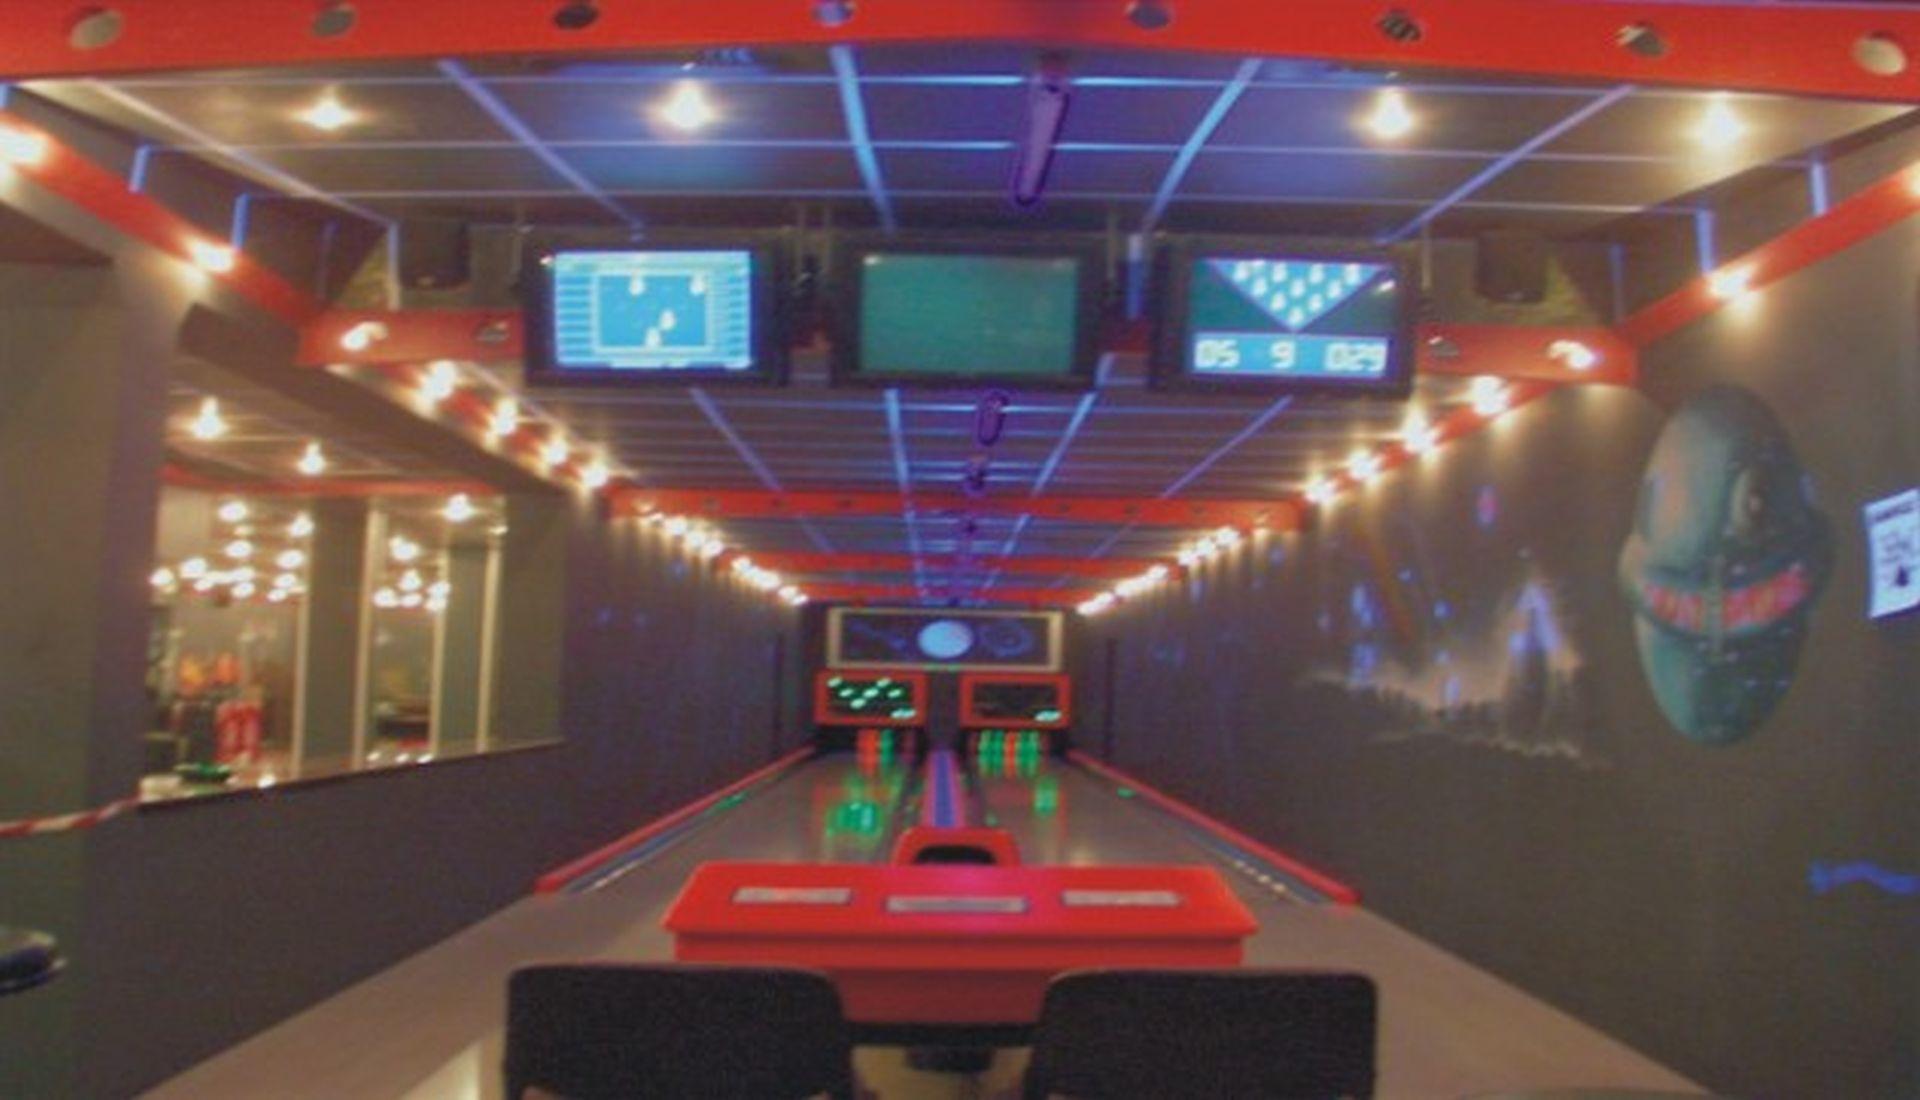 Sch Bild Bowlingbahn